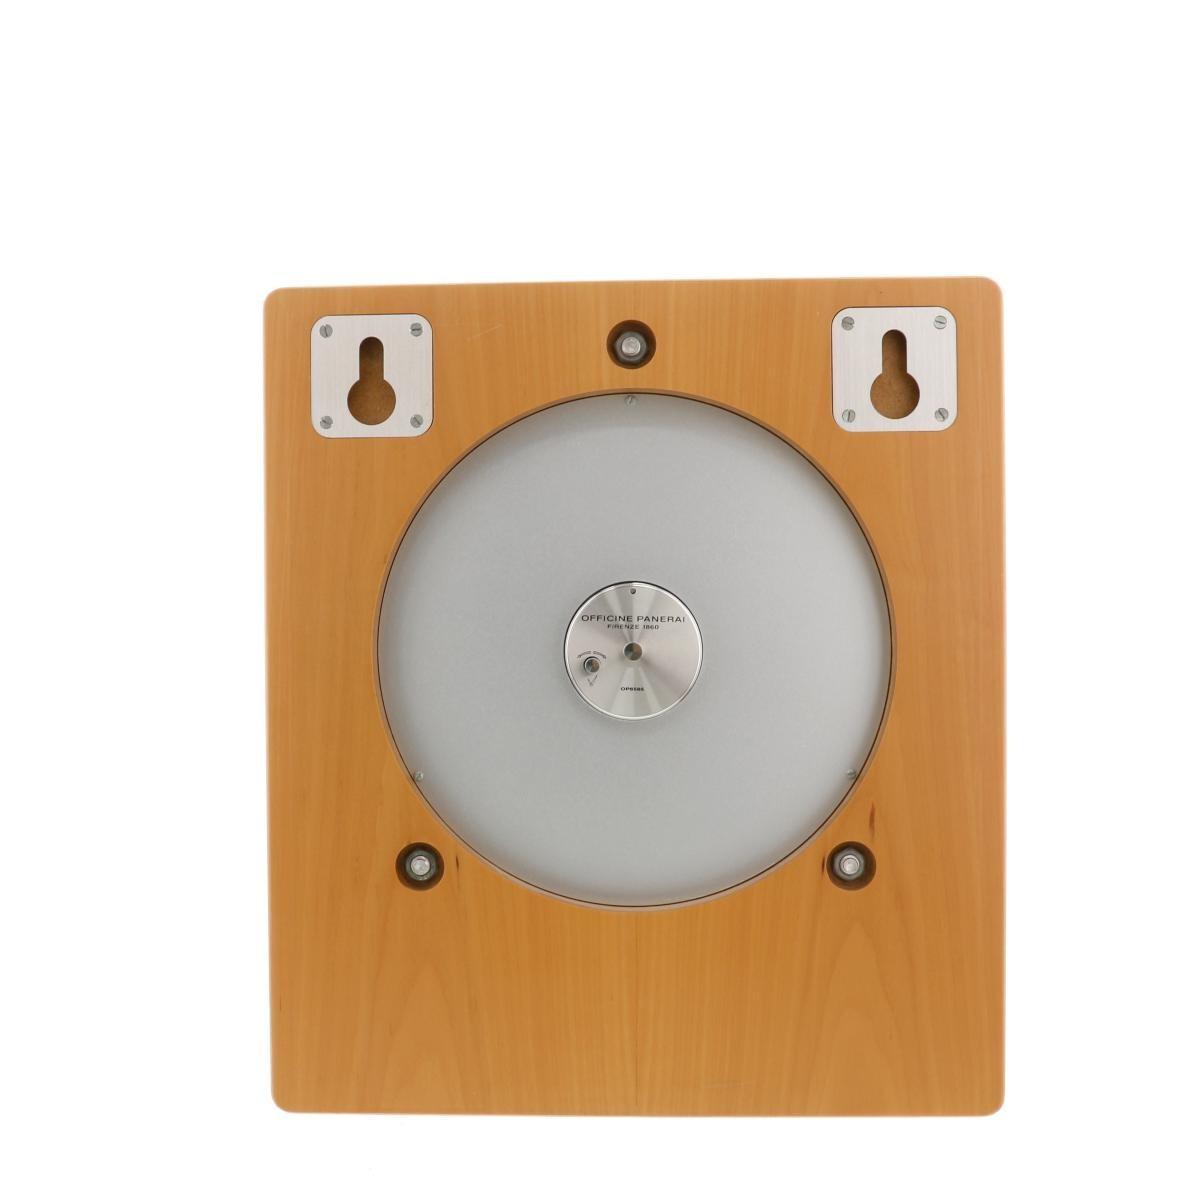 【中古】PANERAI (パネライ) ウォールクロック 時計 置/掛け時計  Black PAM00174 used:A